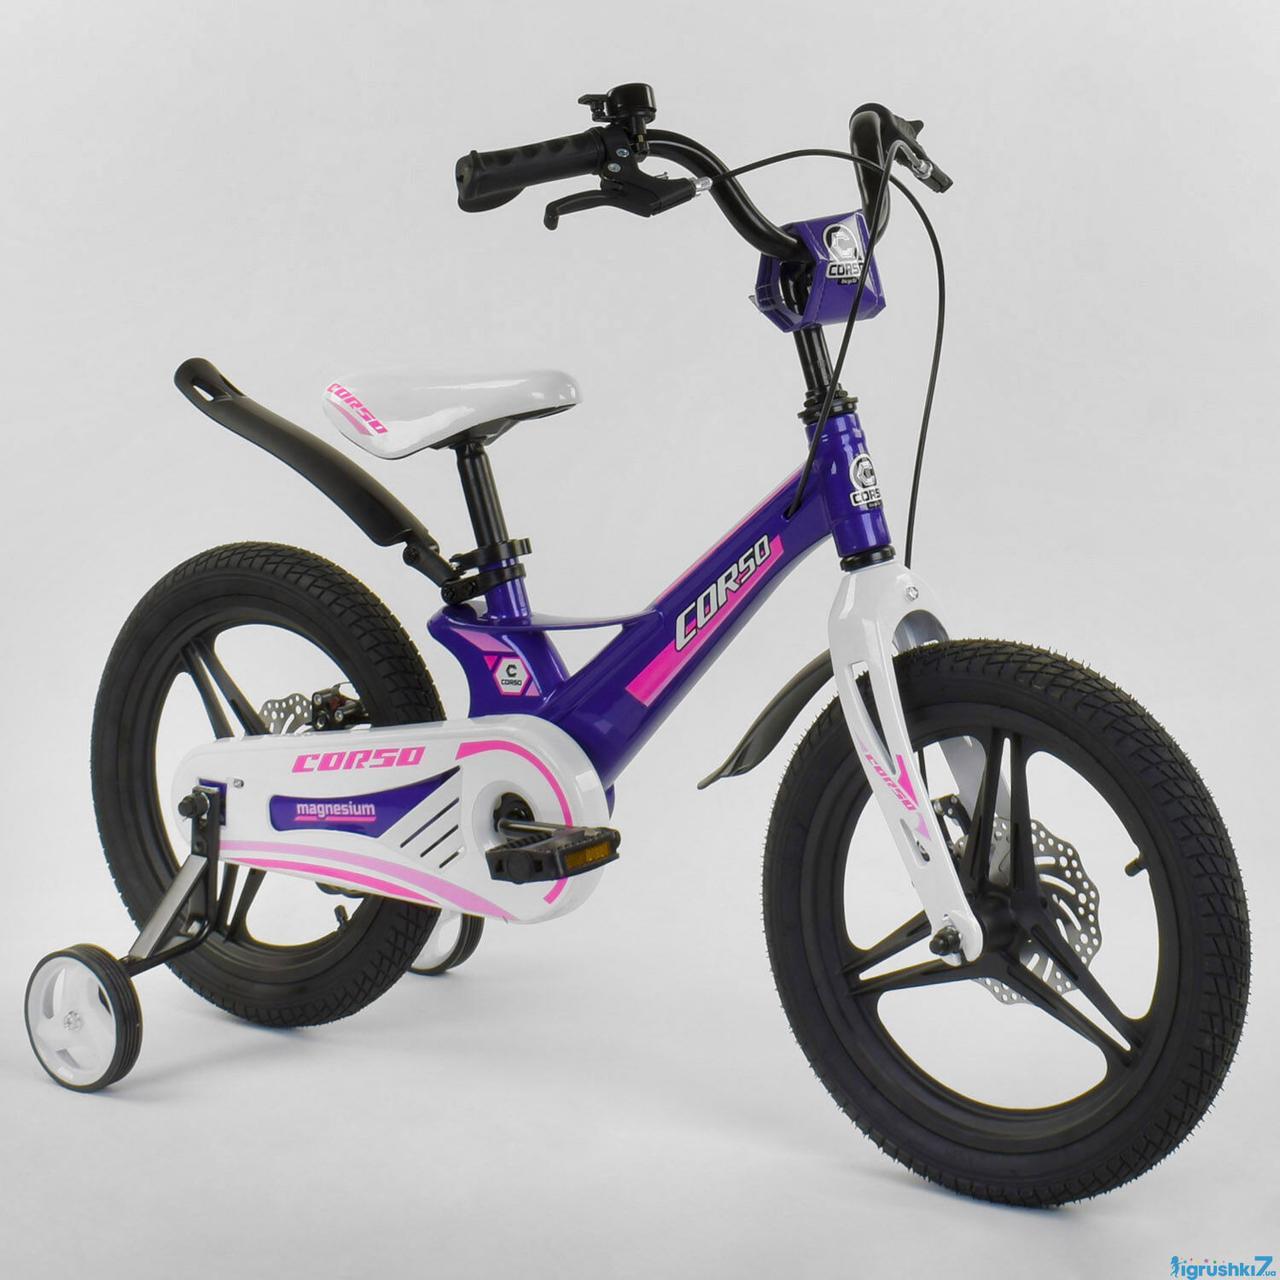 """Велосипед 16"""" дюймов 2-х колёсный """"CORSO"""" MG-94775 (1) ФИОЛЕТОВ, МАГНИЕВАЯ РАМА, ЛИТЫЕ ДИСКИ, ДИСКОВЫЕ ТОРМОЗА"""